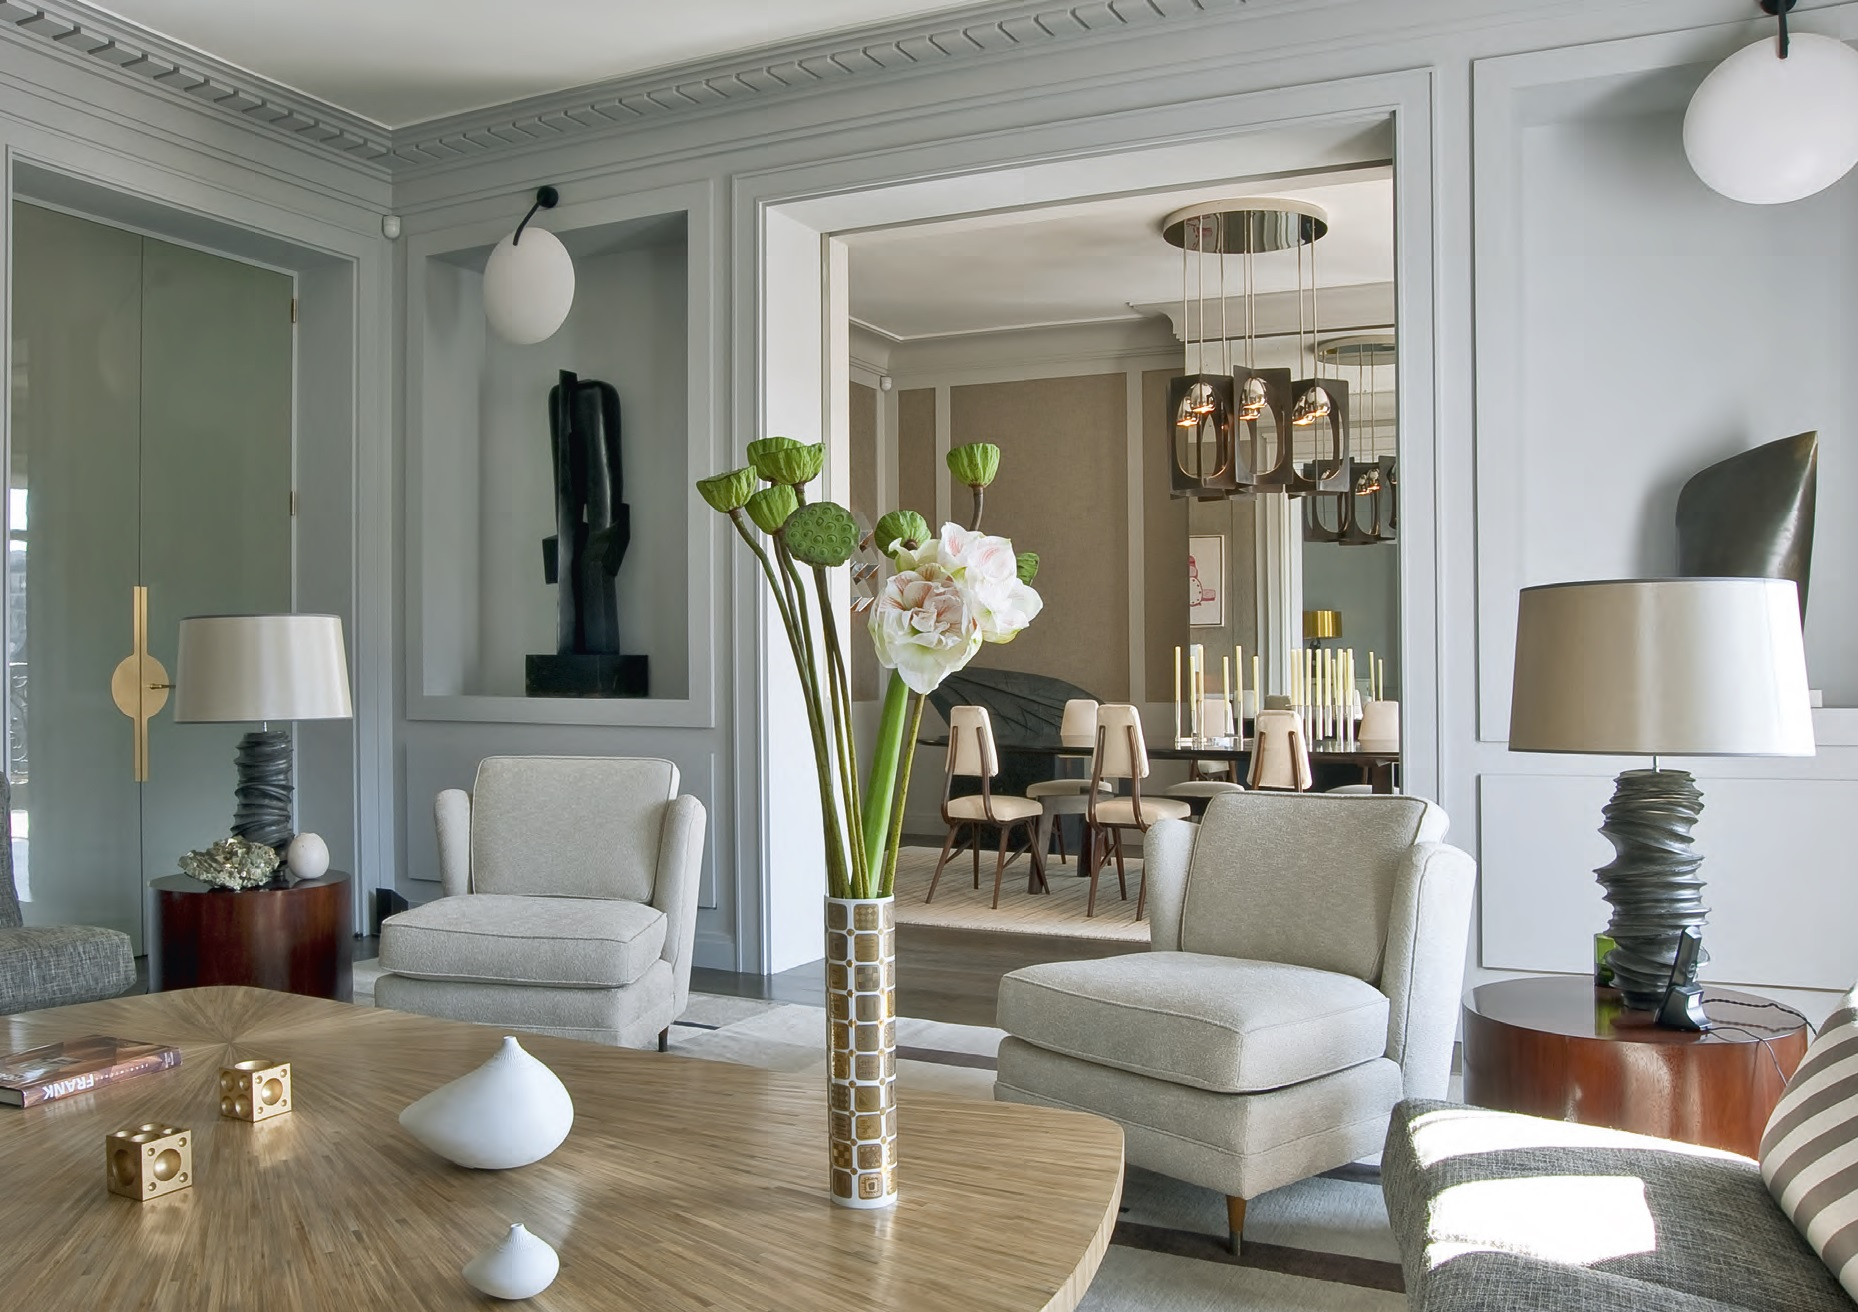 Un appartamento nel trocad ro ville casali for Case in stile new england